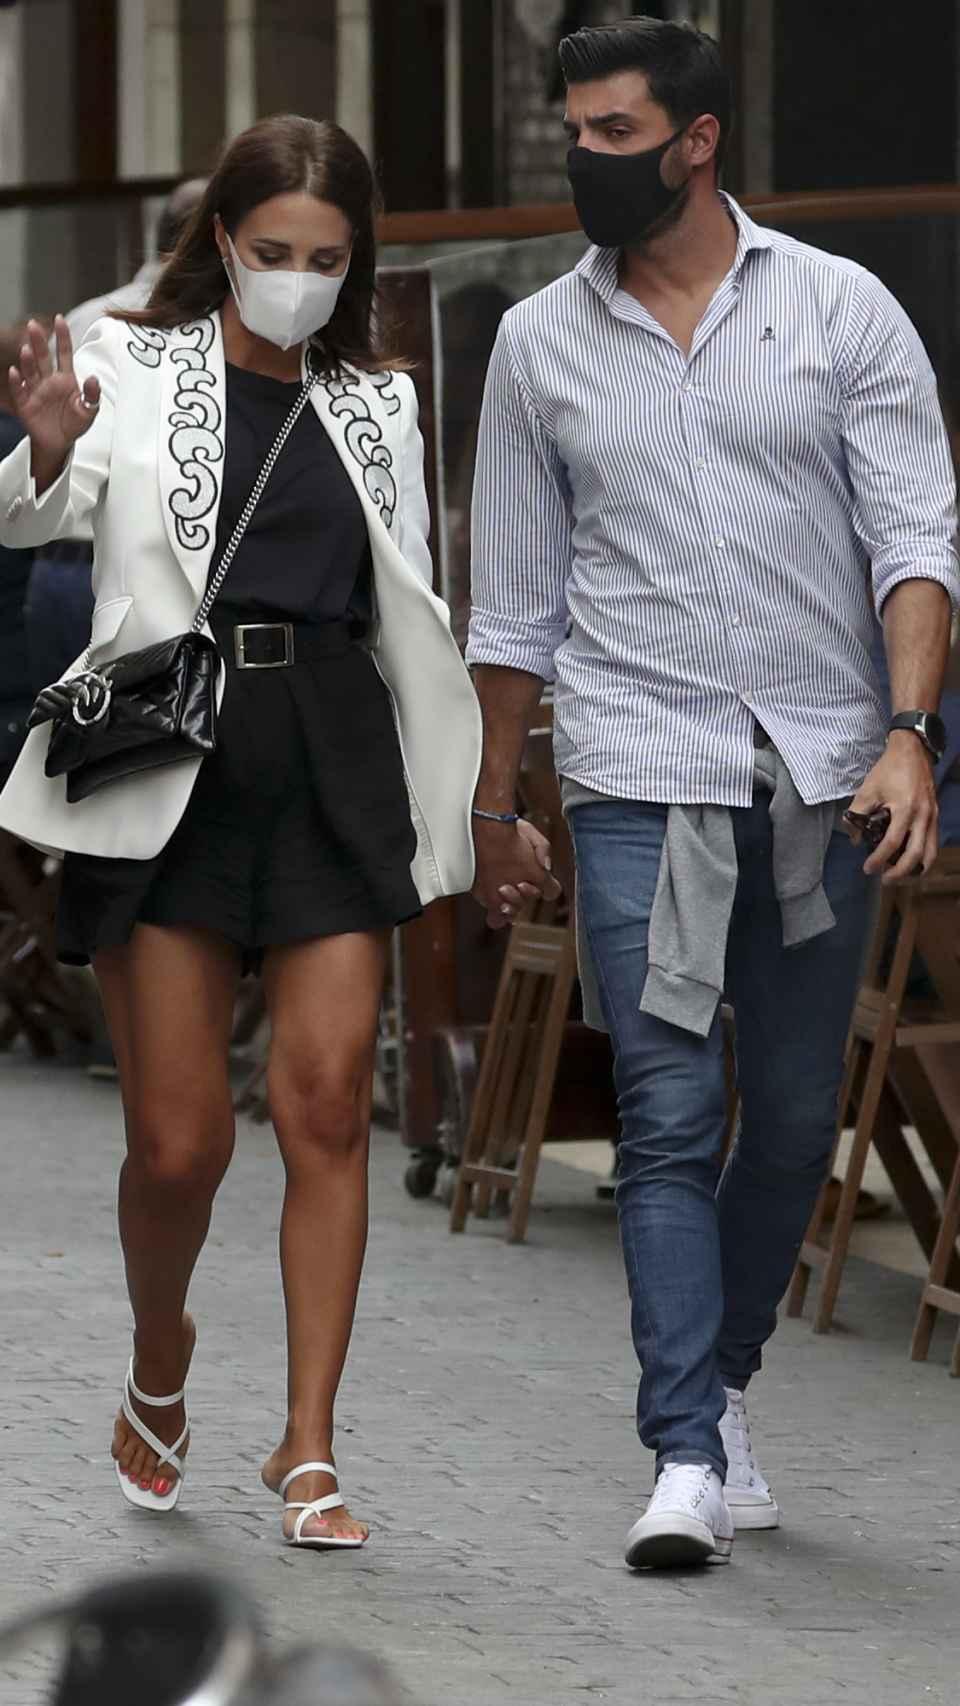 La pareja paseando por Candás.